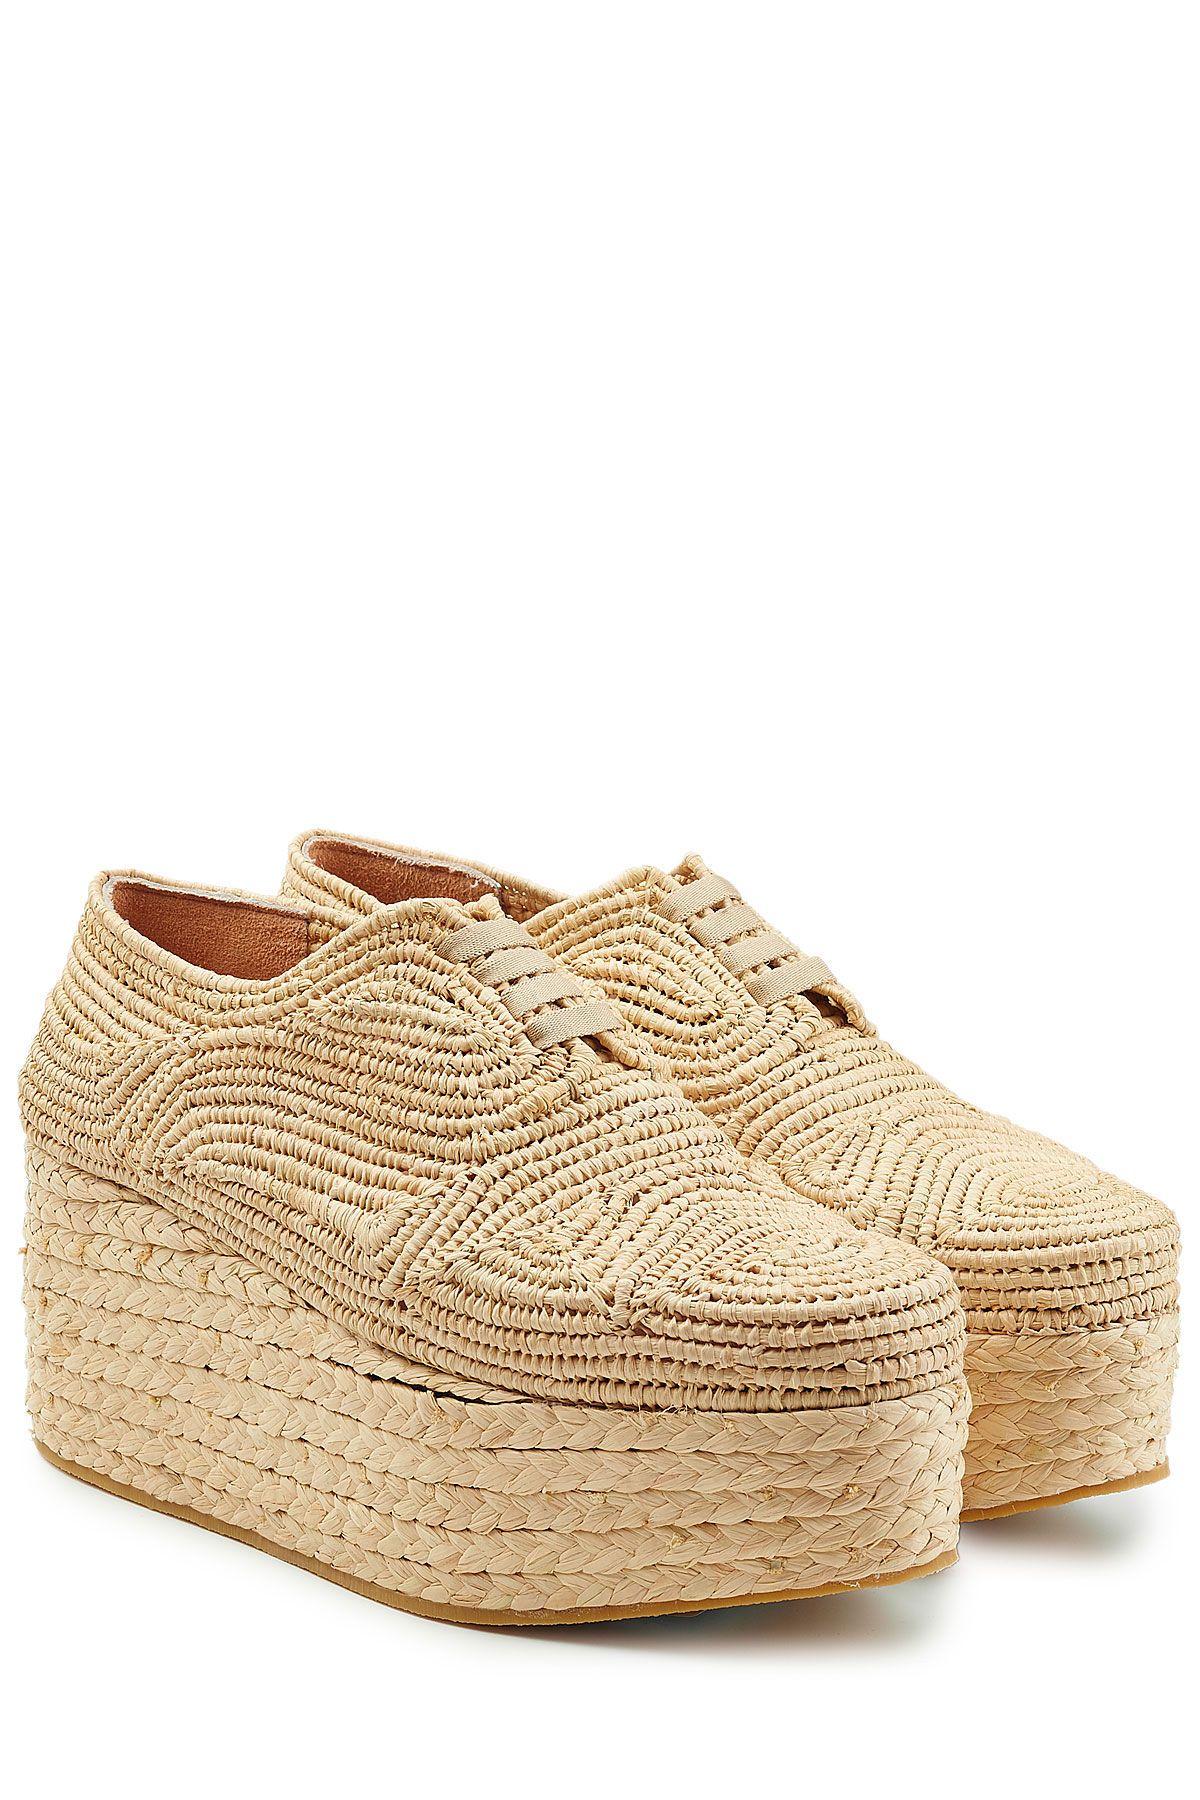 Chaussures à lacets à plateforme en raphia de ROBERT CLERGERIE | La mode de  luxe en